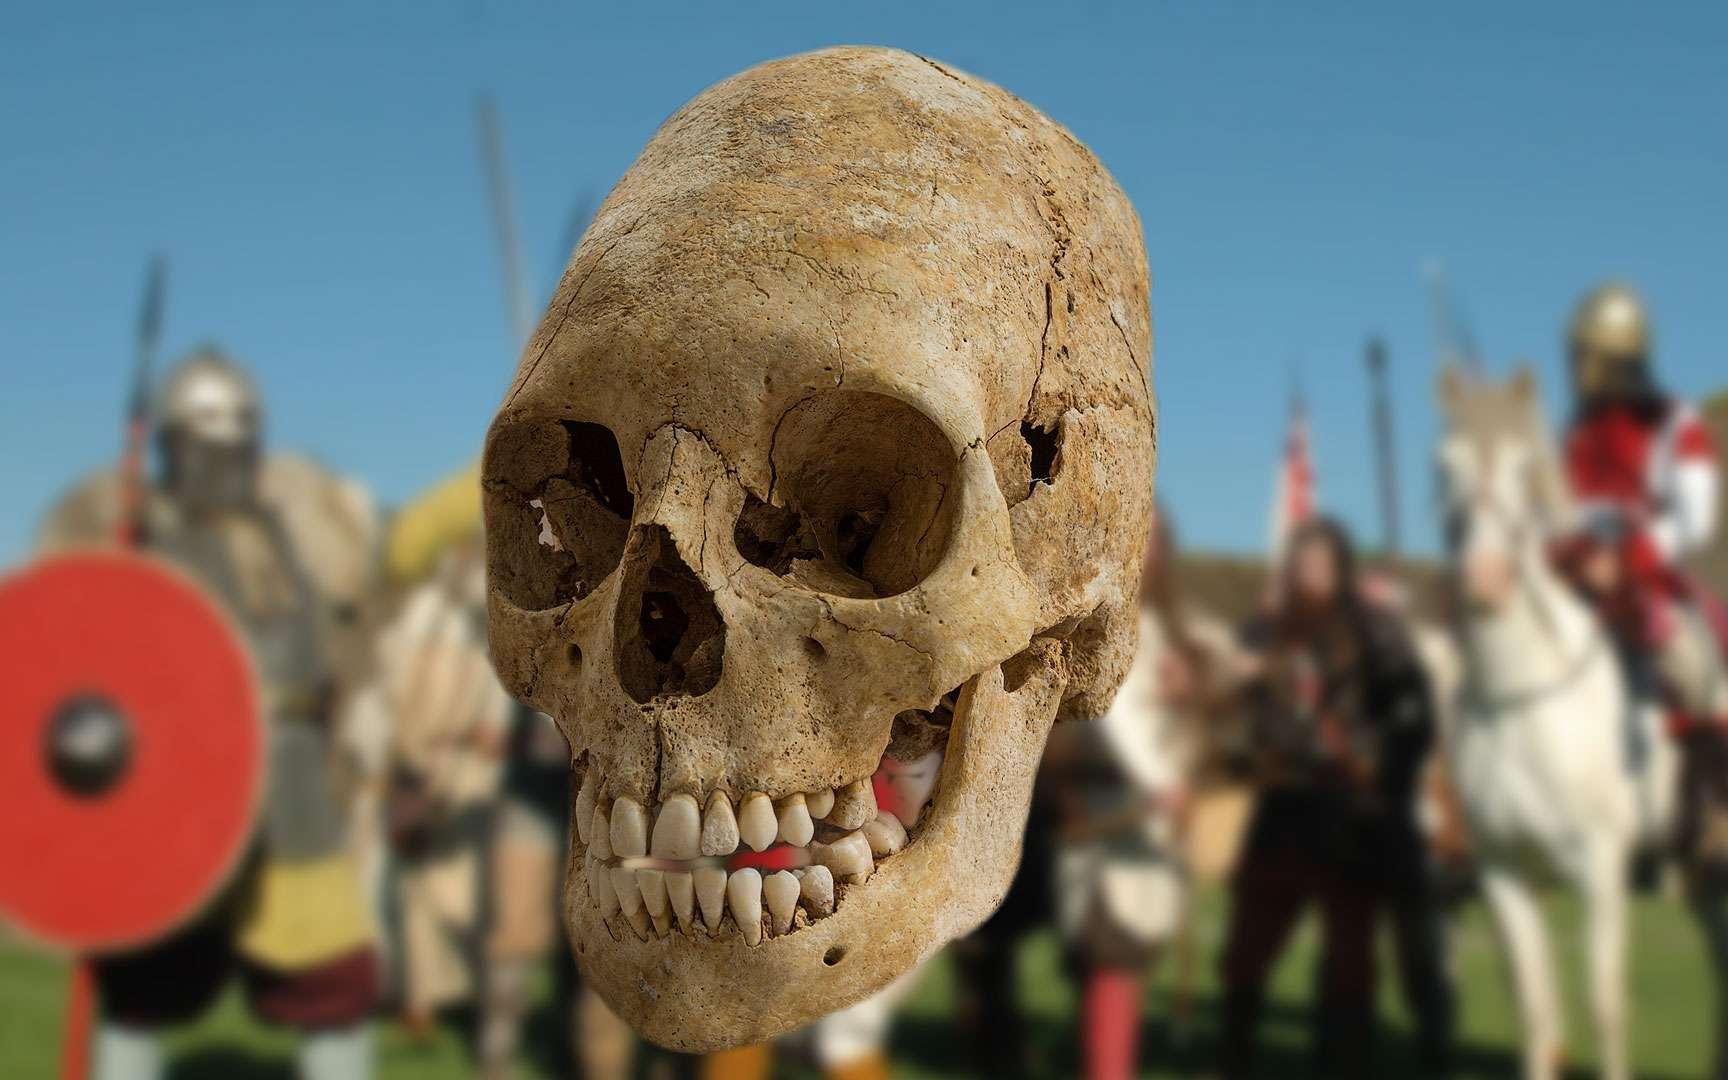 Dent de mammouth du Paléolithique. Des fouilles menées sur le site d'Havrincourt, dans le Pas-de-Calais, ont mis au jour des traces de peuplement par l'Homme remontant à 50.000 et 30.000 ans, soit du Paléolithique moyen et supérieur, comme en témoigne la découverte de lames en silex. La disposition d'artefacts de ce genre permet aux archéologues d'étudier l'organisation territoriale des groupes humains ayant fréquenté le site (degré de planification et répartition spatiale des activités, récurrence d'occupation...). Les restes d'animaux permettent quant à eux de caractériser la faune qui vivait sur place à l'époque, et donc le type de milieu. Havrincourt hébergeait entre autres des restes de mammouth (dont l'extraction d'une dent est présentée sur la photographie), de bison, de rhinocéros laineux et de cheval. Ces espèces vivaient plus que probablement dans une steppe. © Denis Gliksman, Inrap